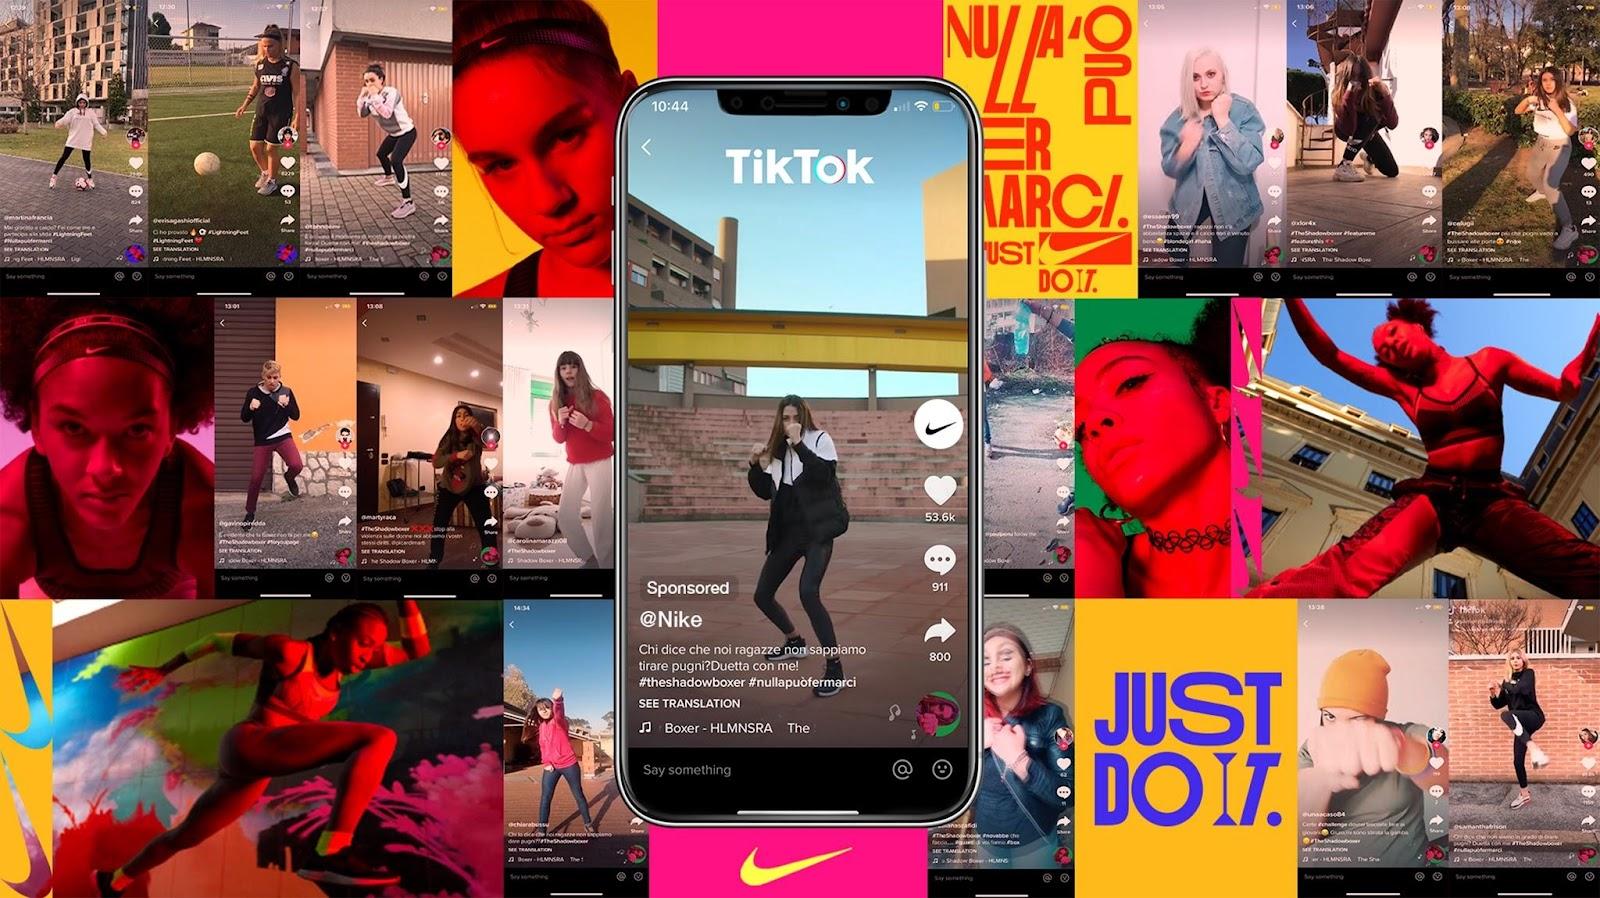 TikTok thúc đẩy sự sáng tạo không giới hạn của người dùng (Ảnh: marketingreview.vn)